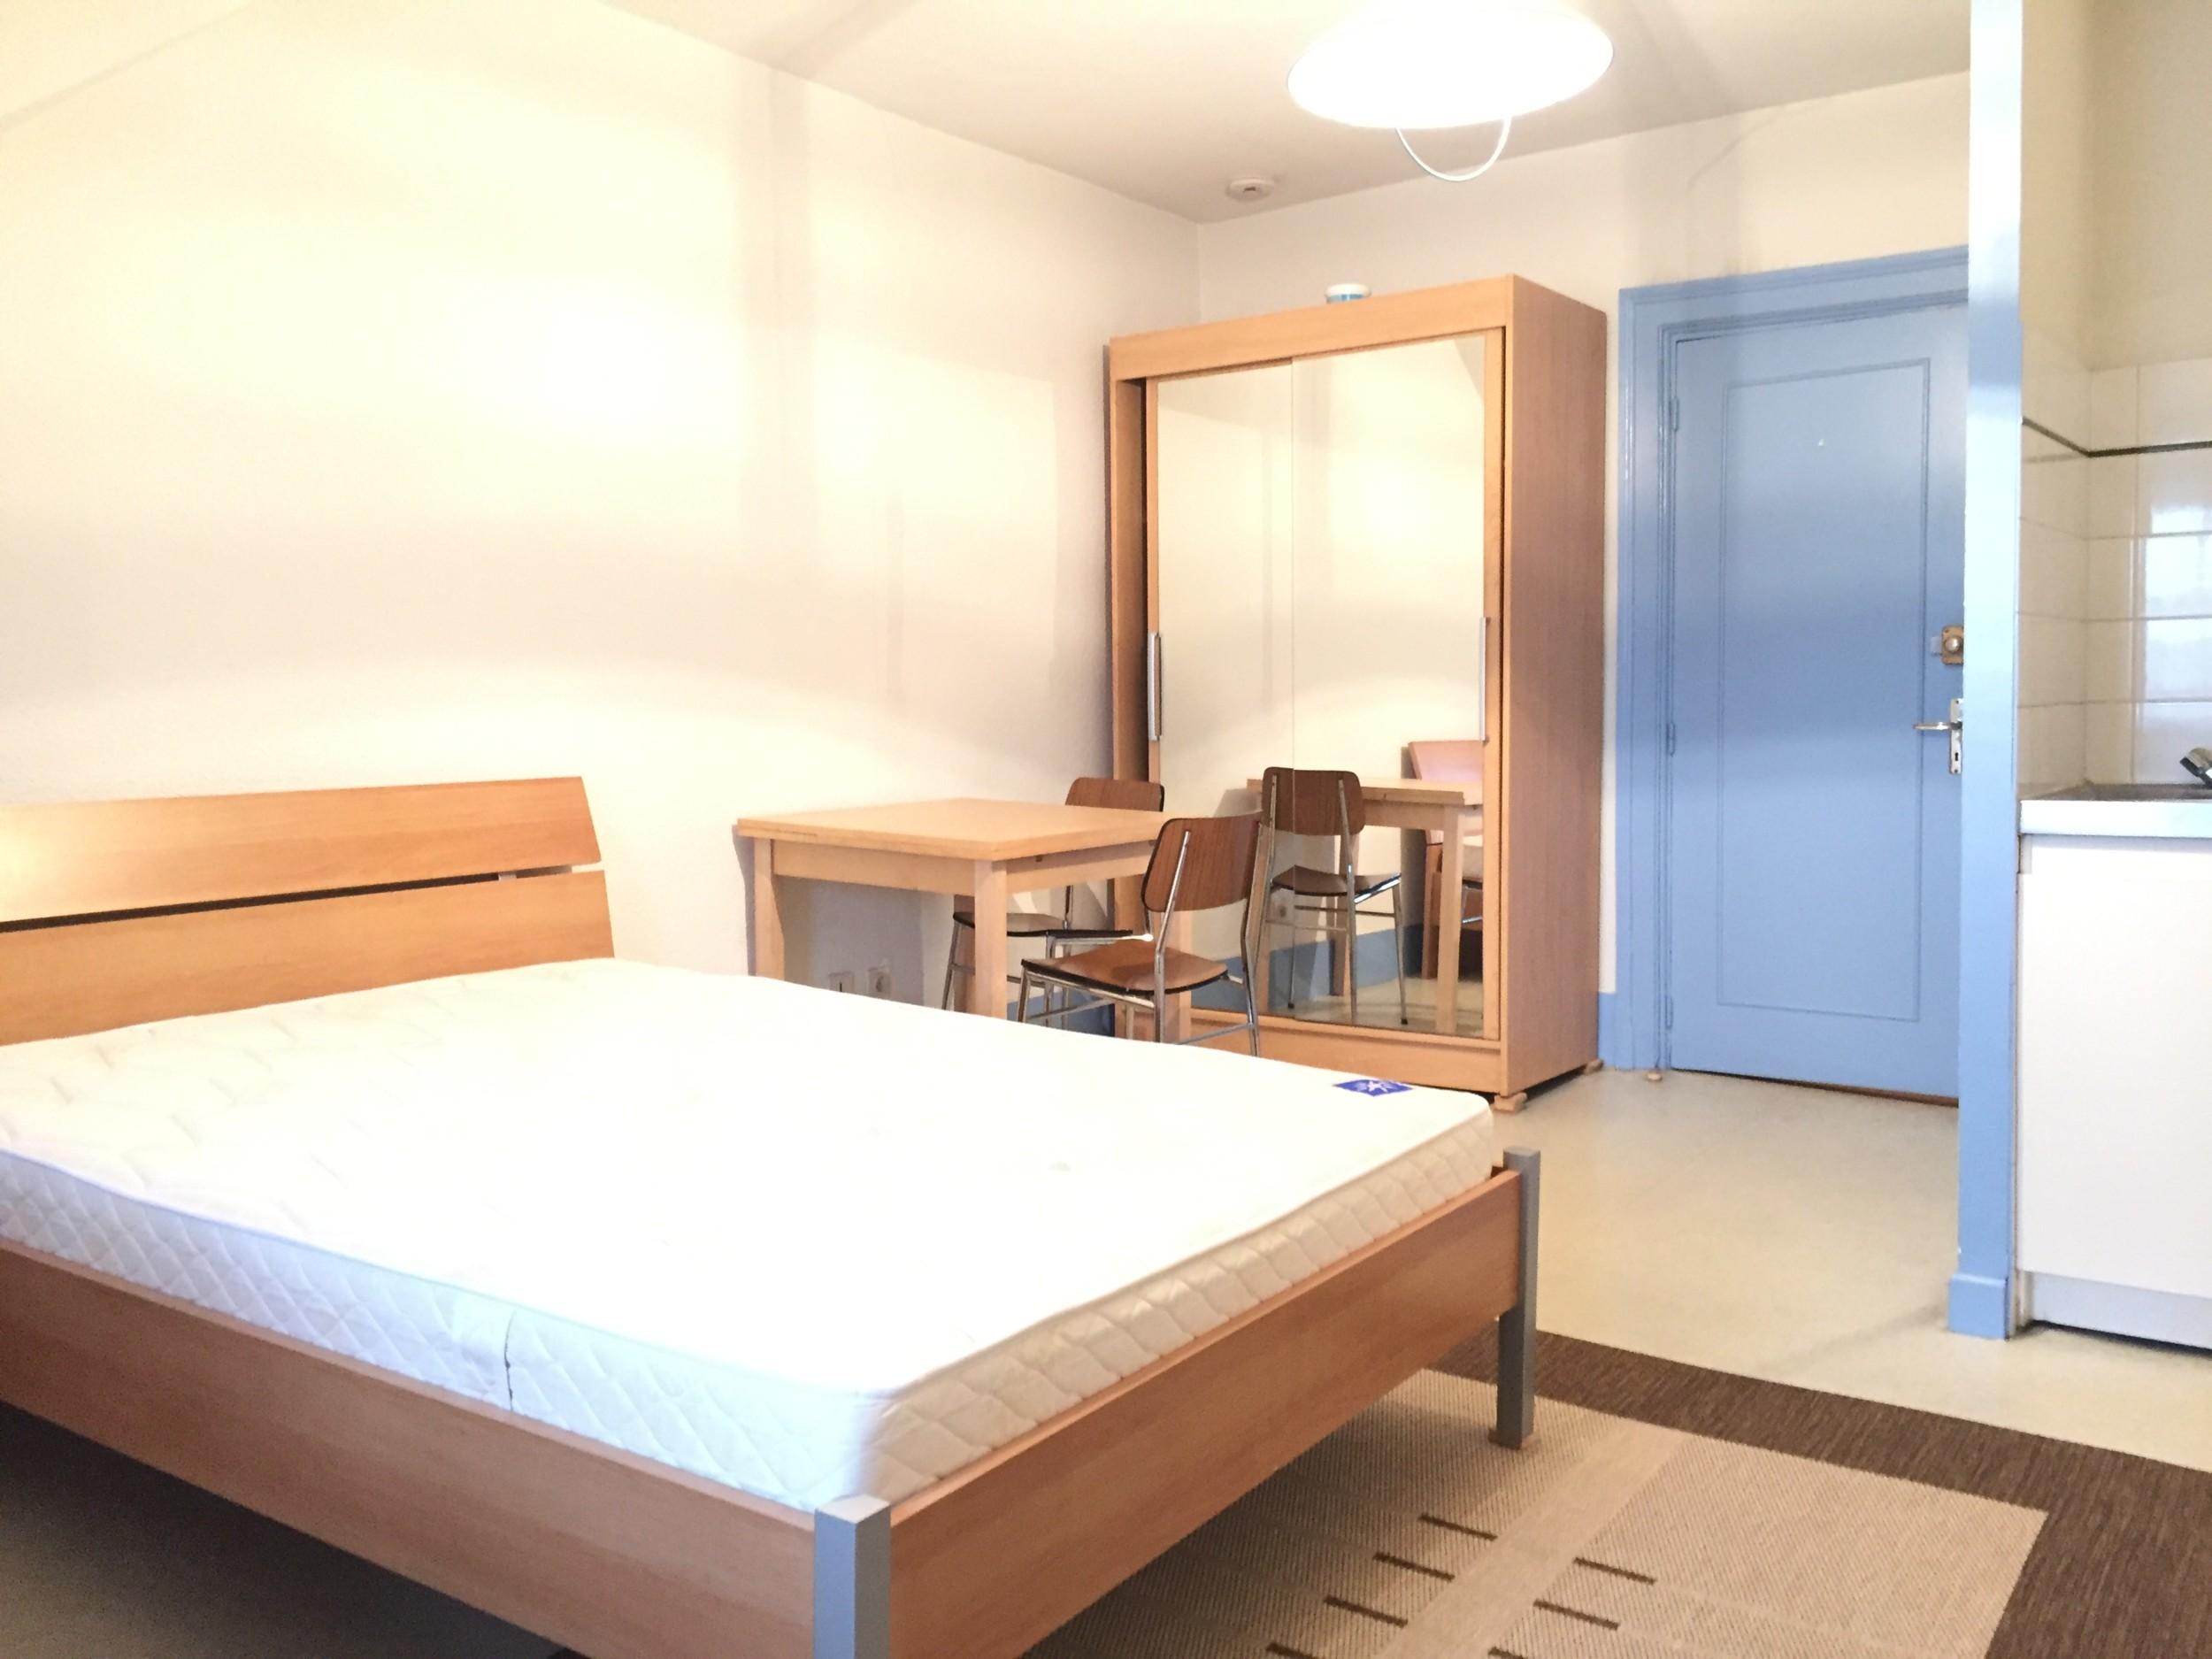 avis interlogis limoges. Black Bedroom Furniture Sets. Home Design Ideas